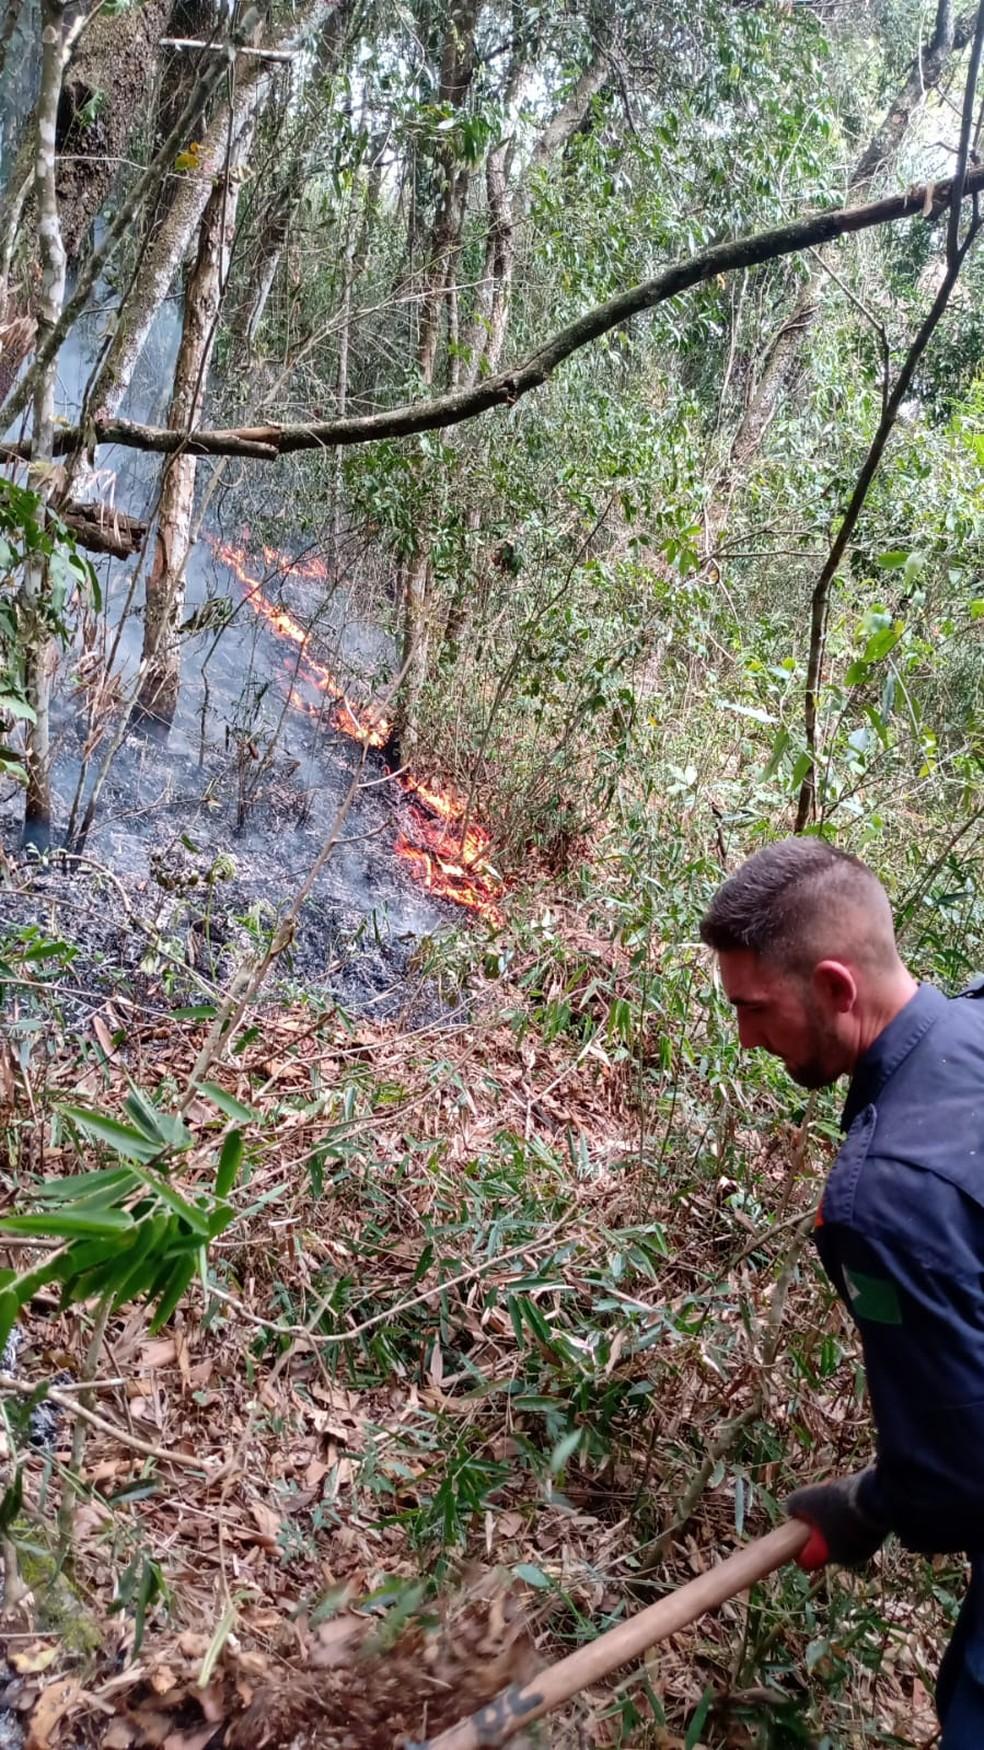 Novo foco de incêndio mobiliza equipes na Serra do Japi em Cabreúva (SP) — Foto: Divulgação